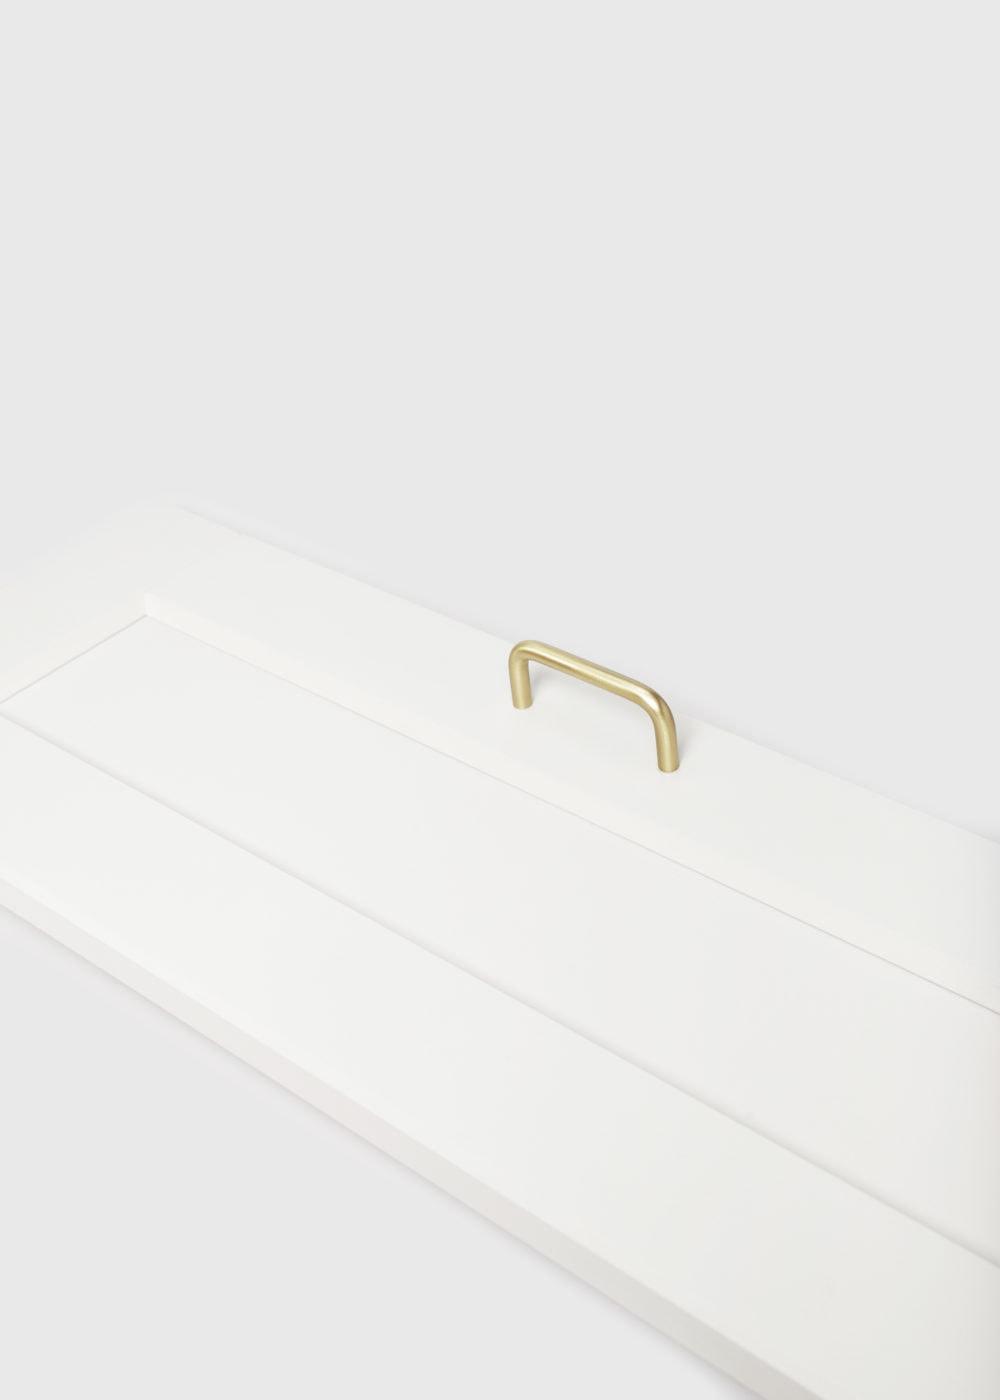 Lana S - złoty, mosiężny uchwyt meblowy na froncie 60 cm